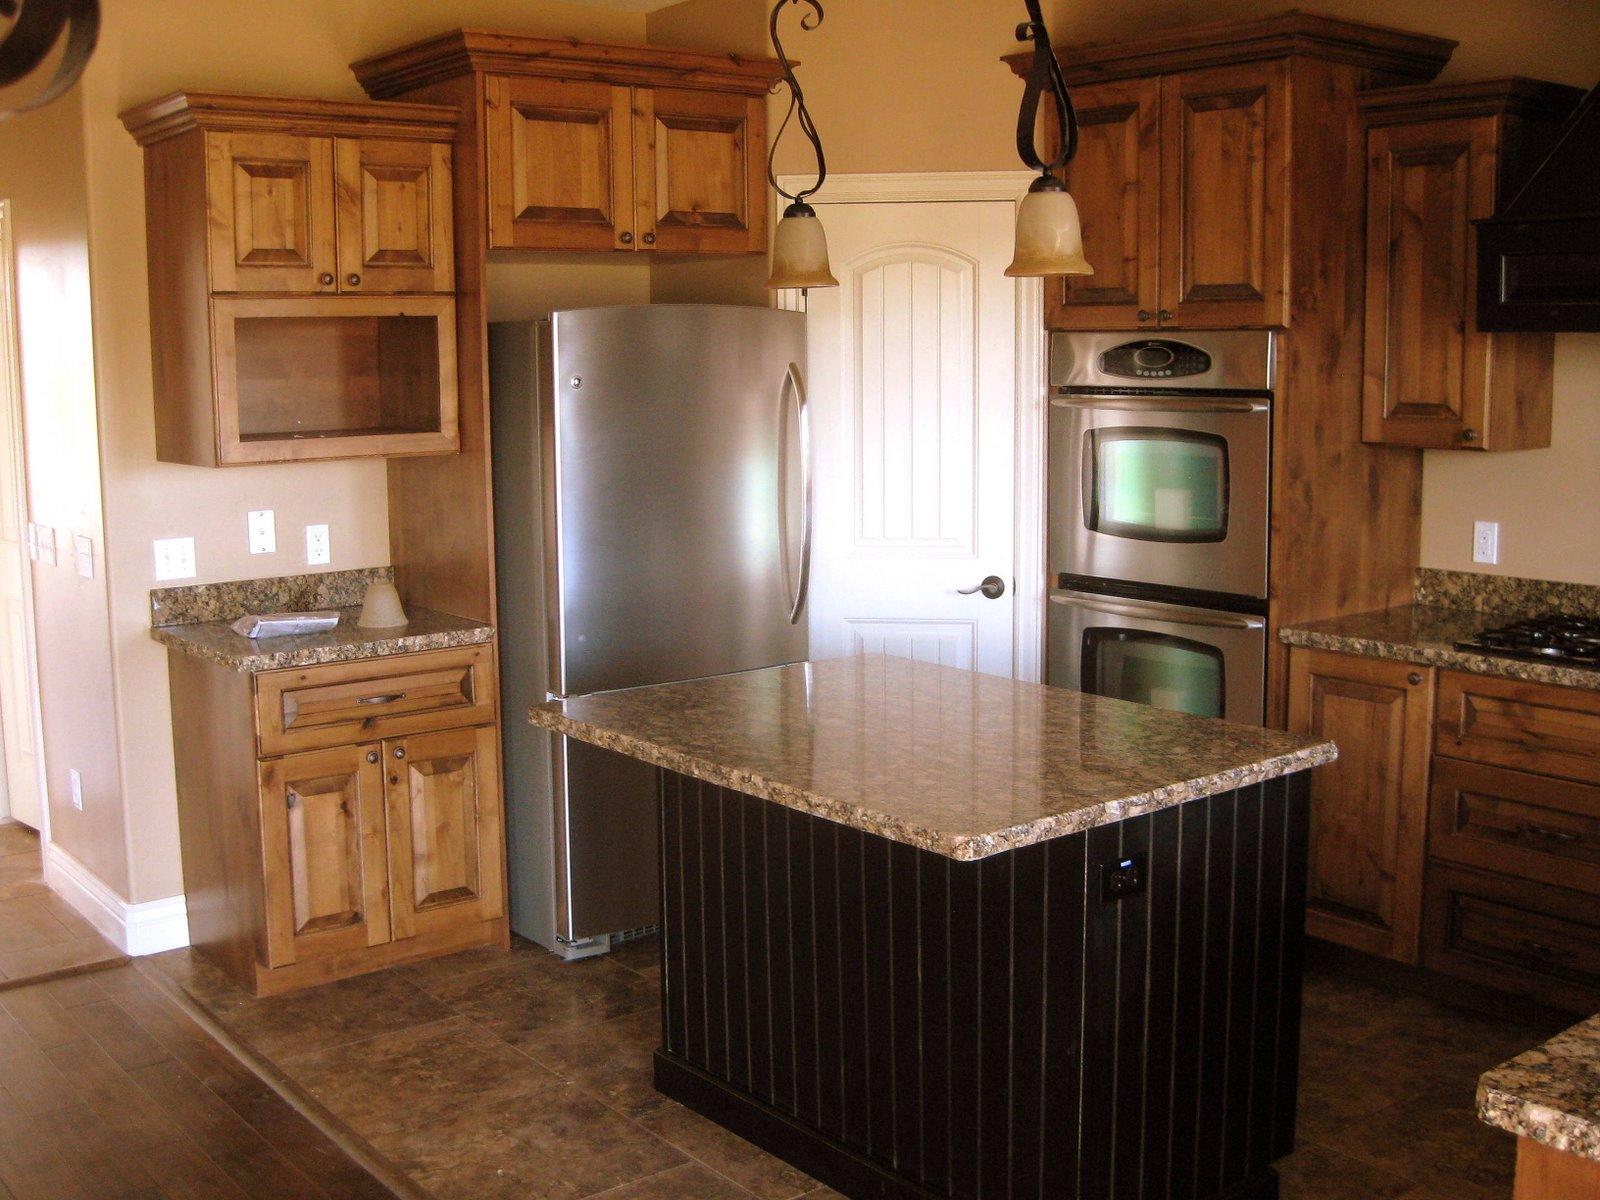 lec cabinets alder kitchen cabinets. Black Bedroom Furniture Sets. Home Design Ideas